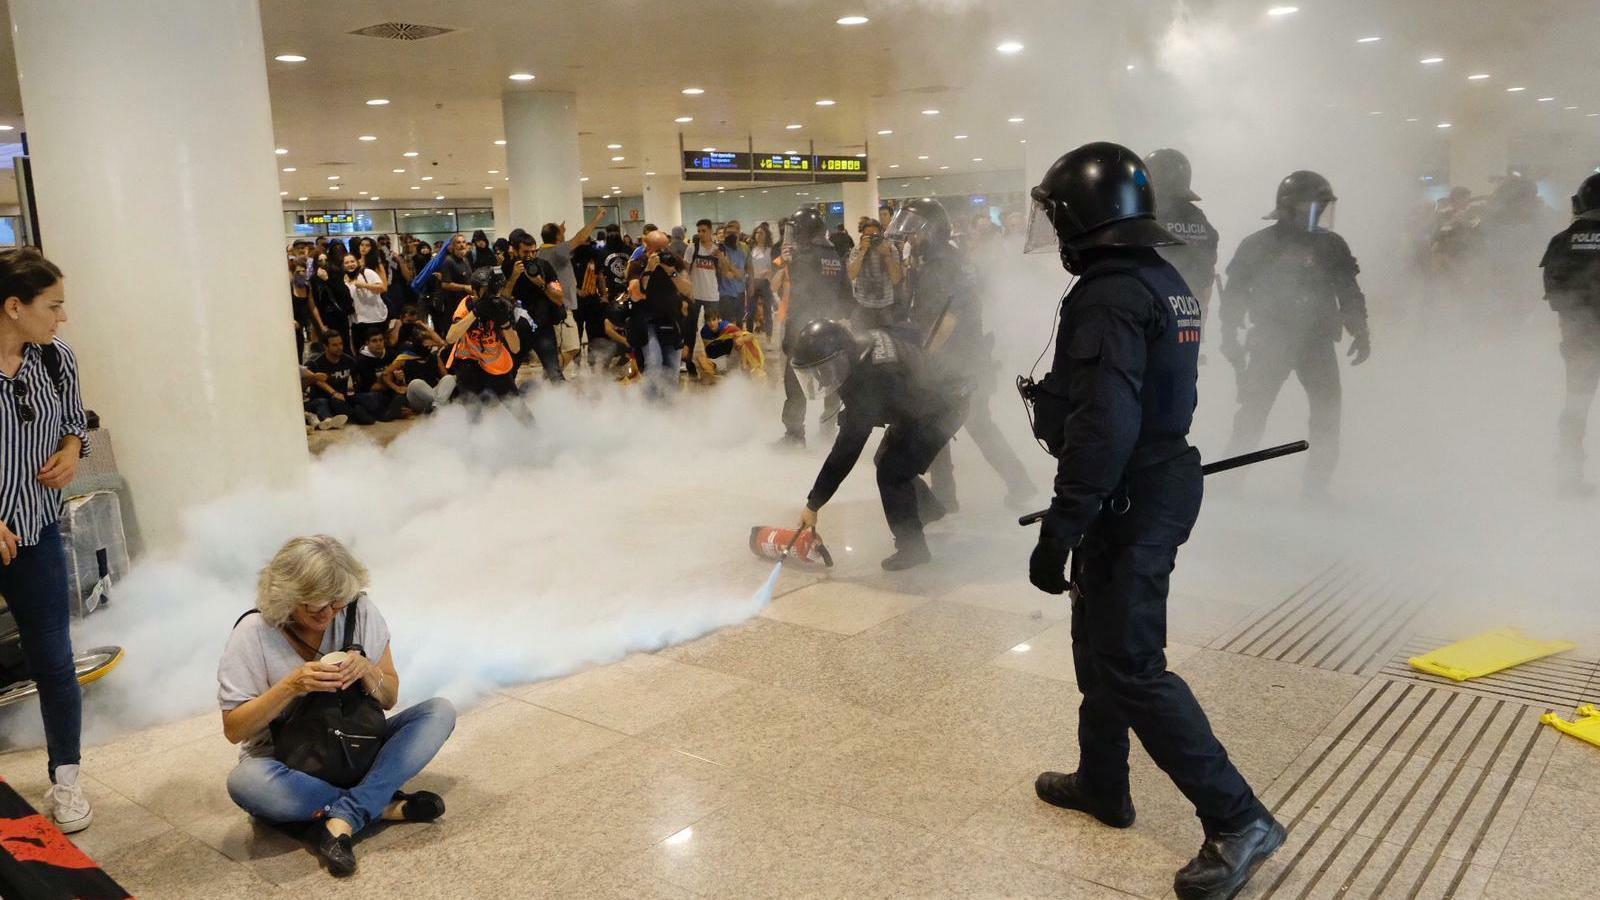 Els mossos utilitzen extintors per intentar dispersar la gent